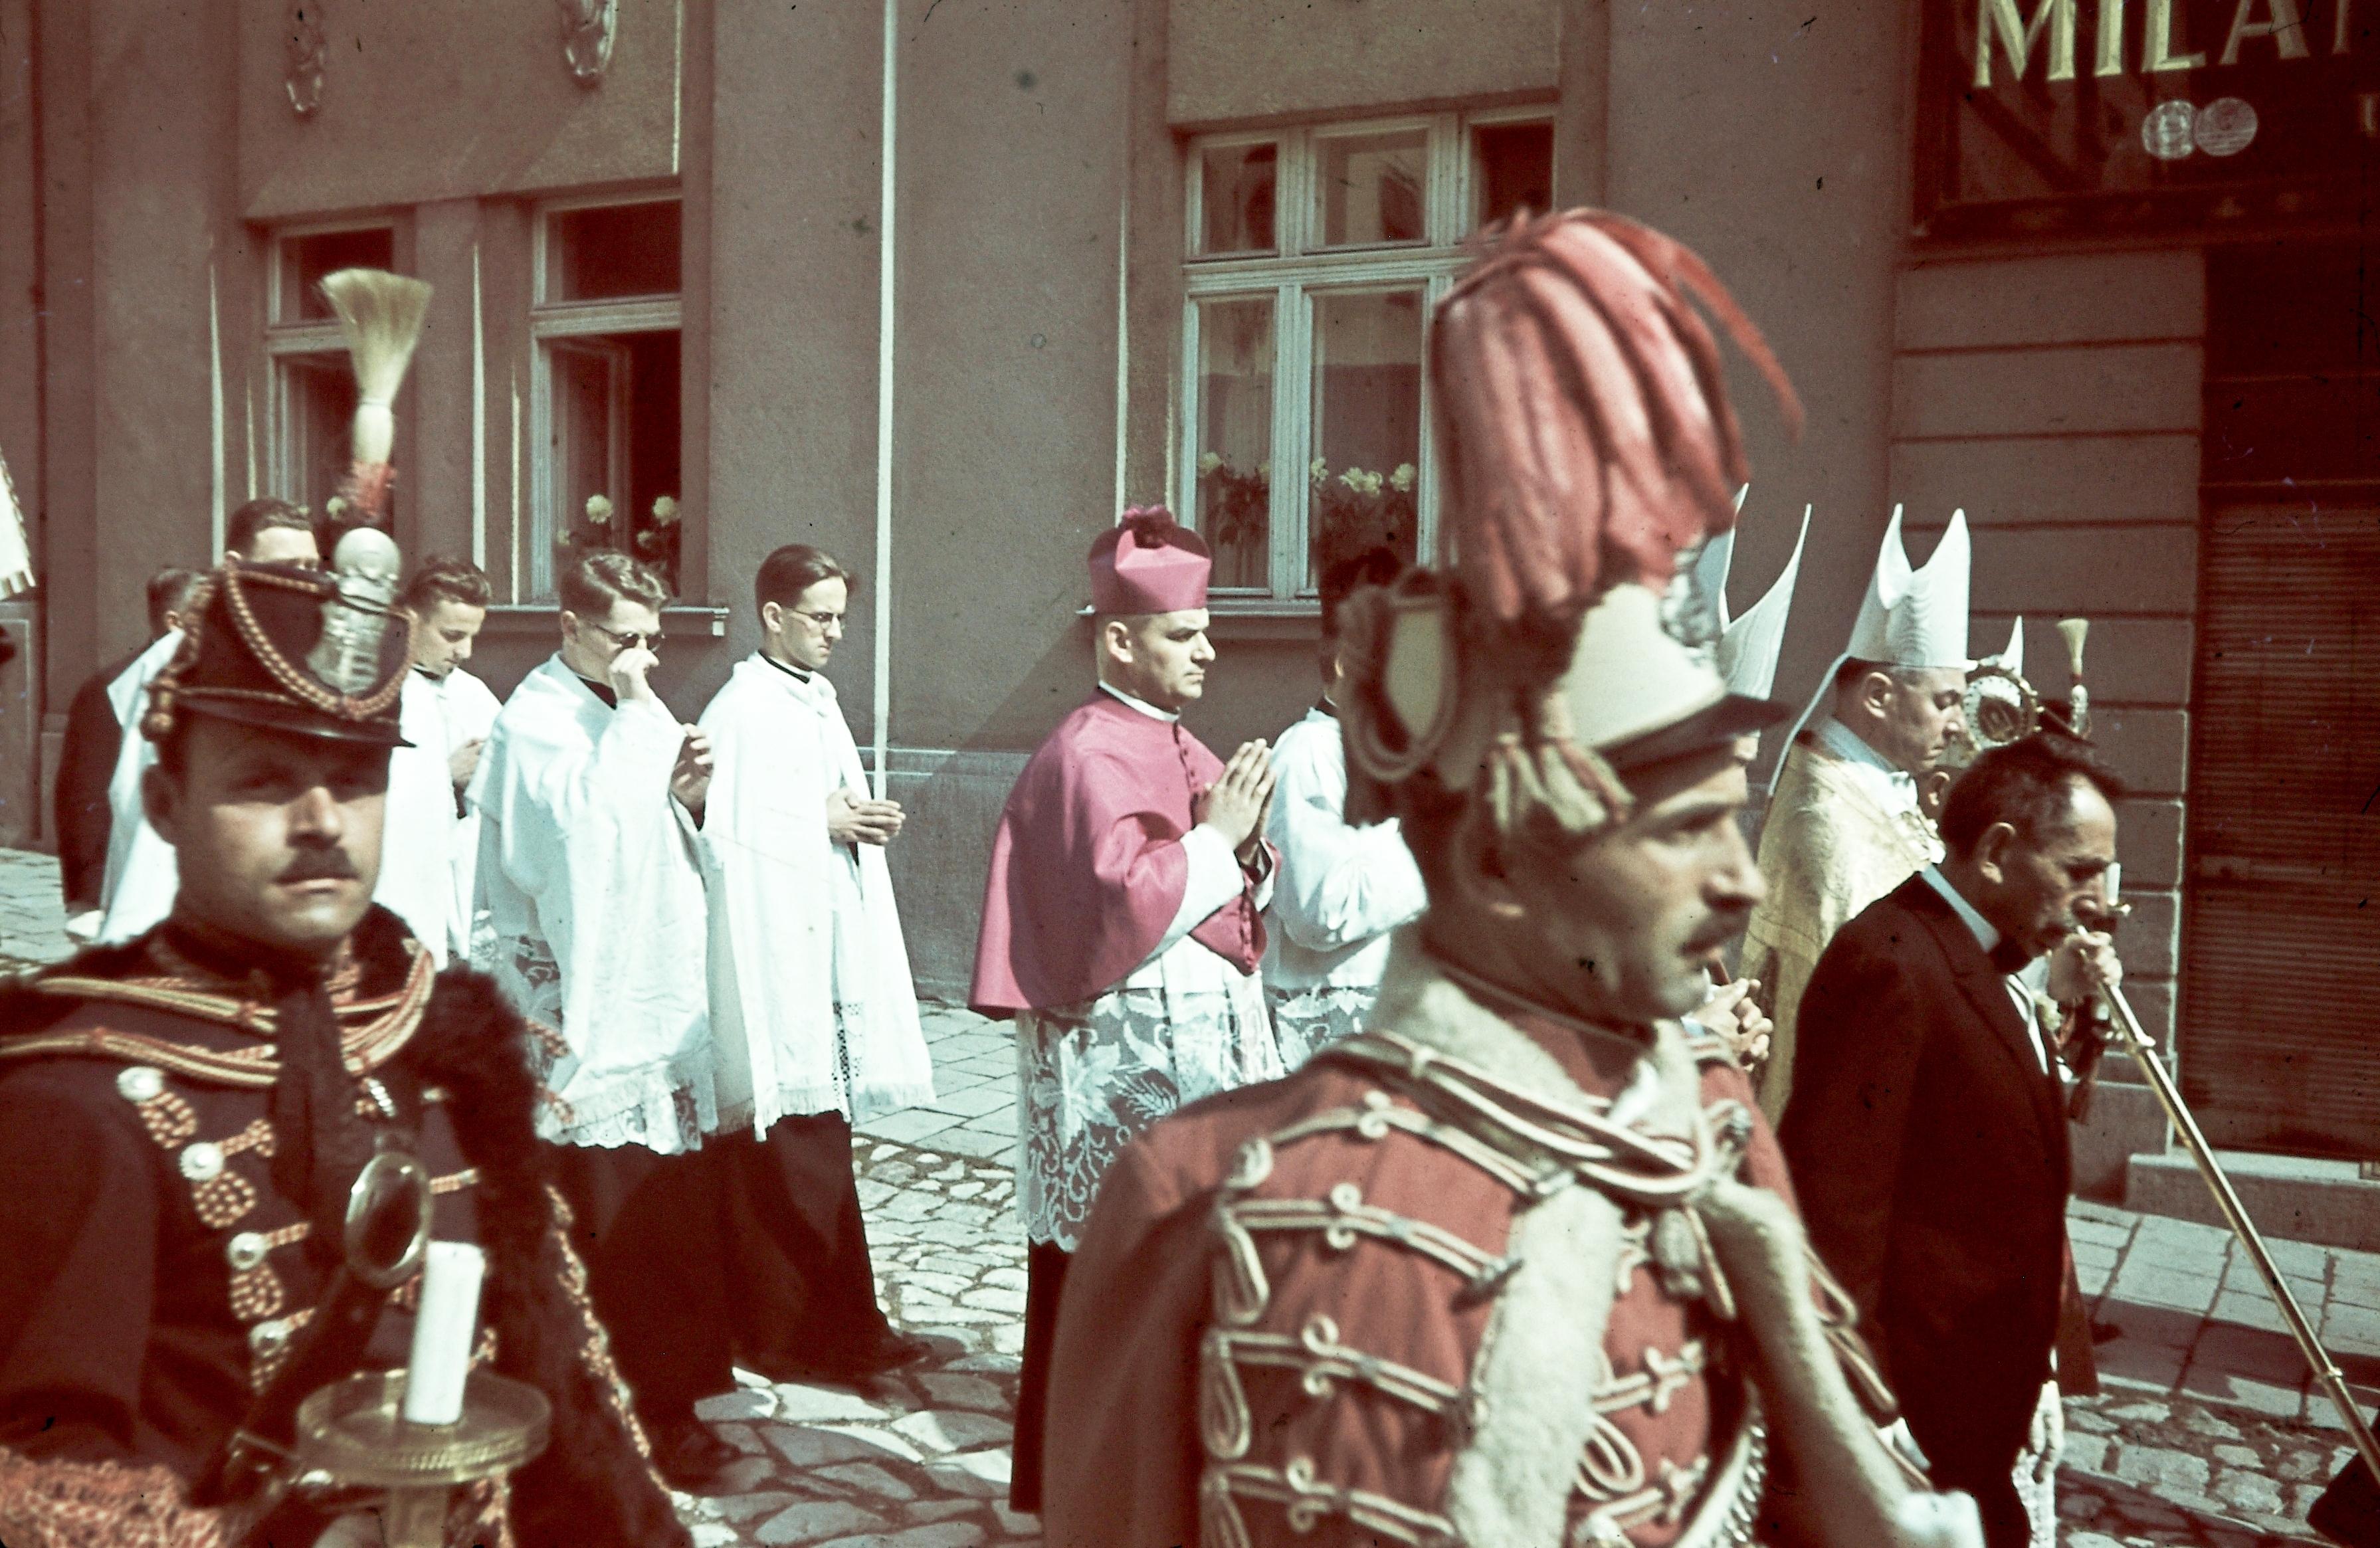 lászló napi képek File:Győr, Káptalandomb, Szent László napi körmenet. Fortepan  lászló napi képek